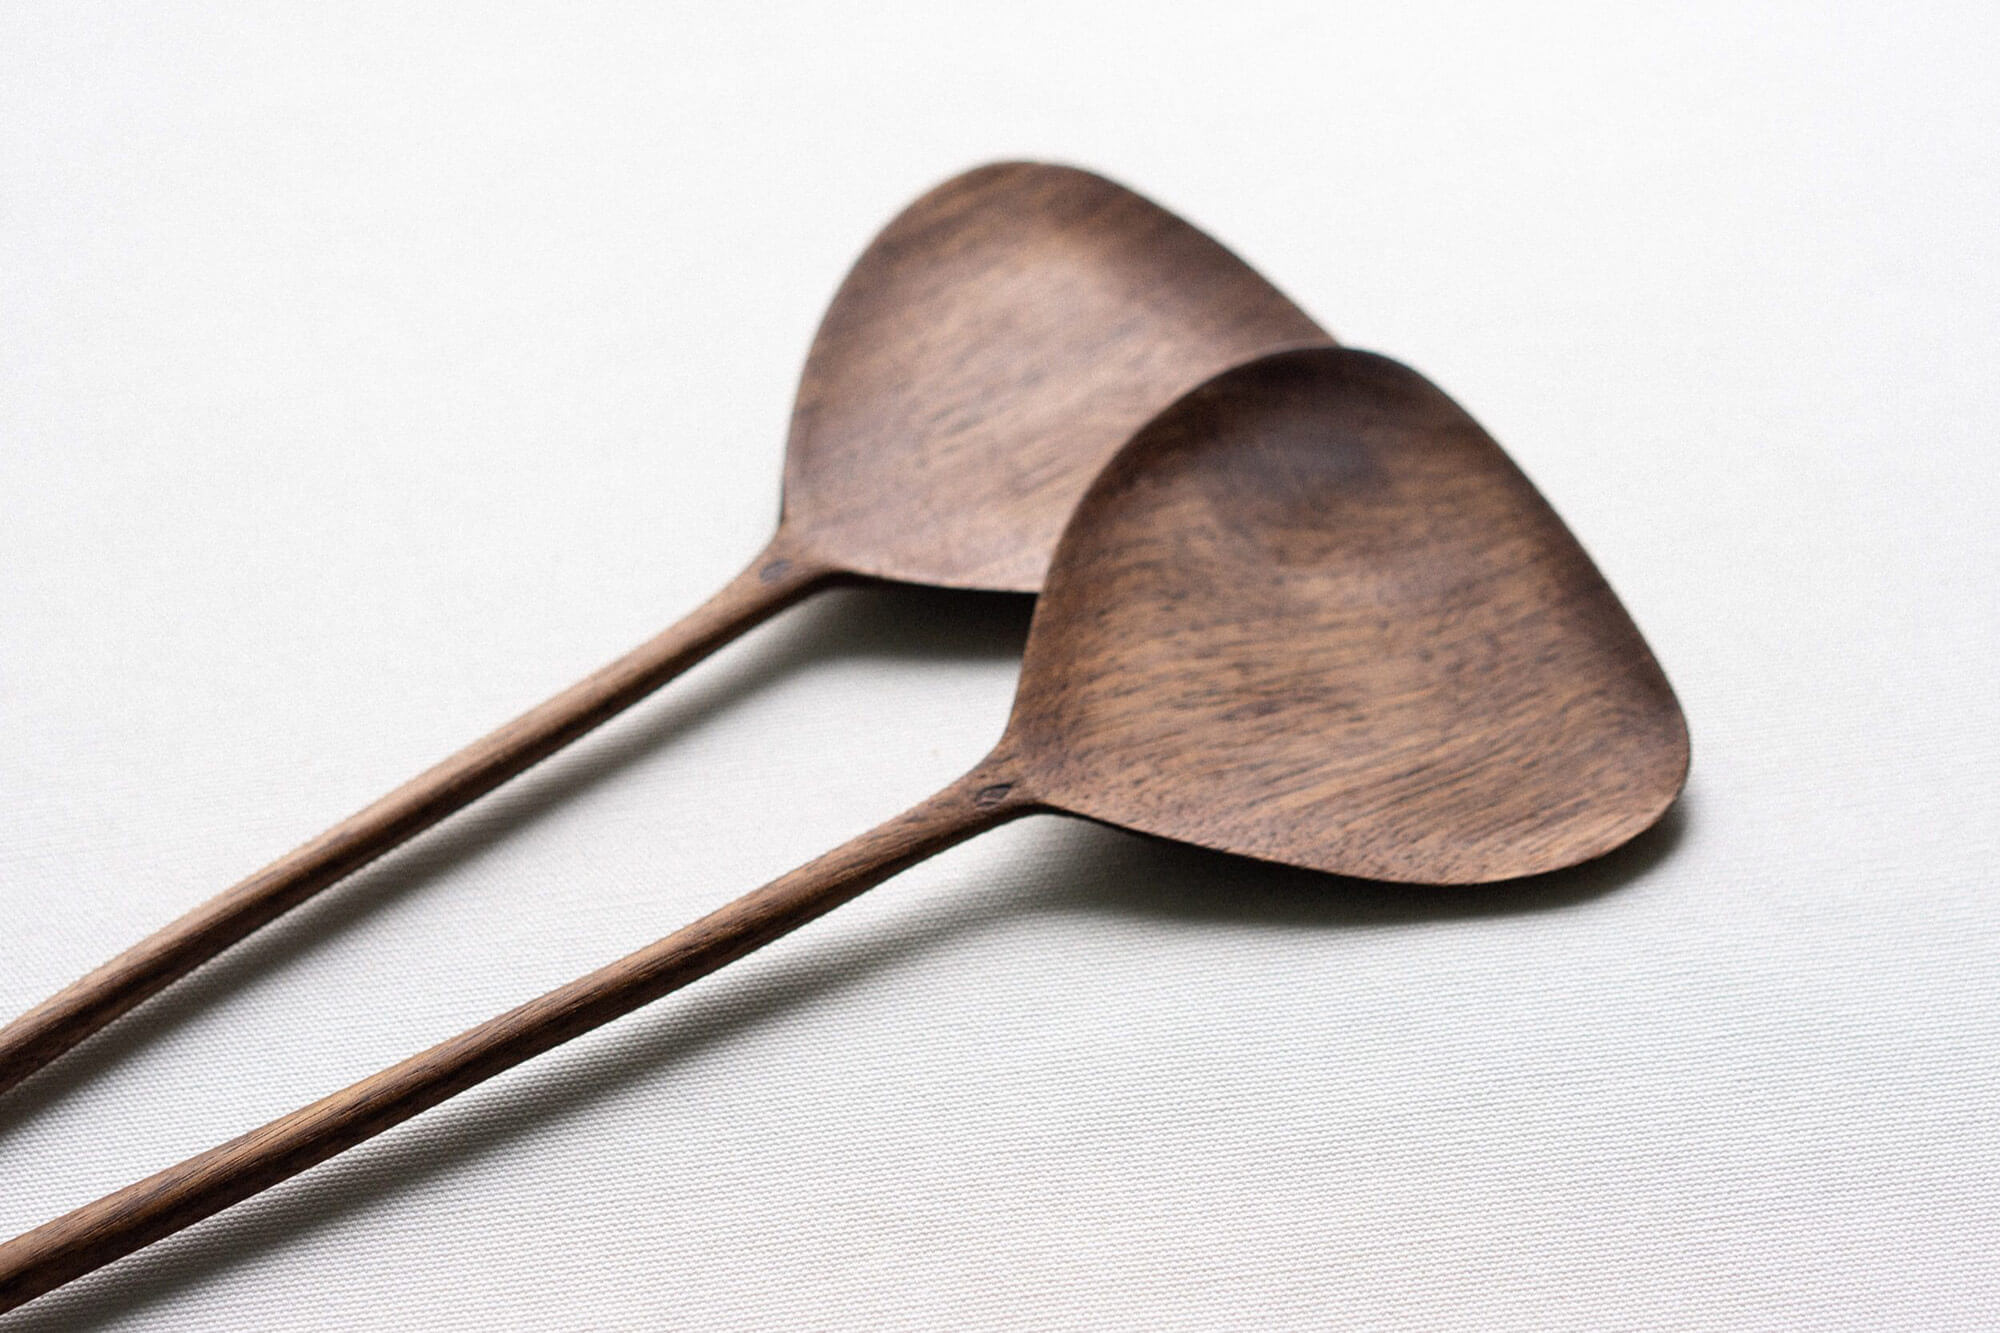 Cuillères en bois de noyer, collection Gingko créée par Guy Lemyre